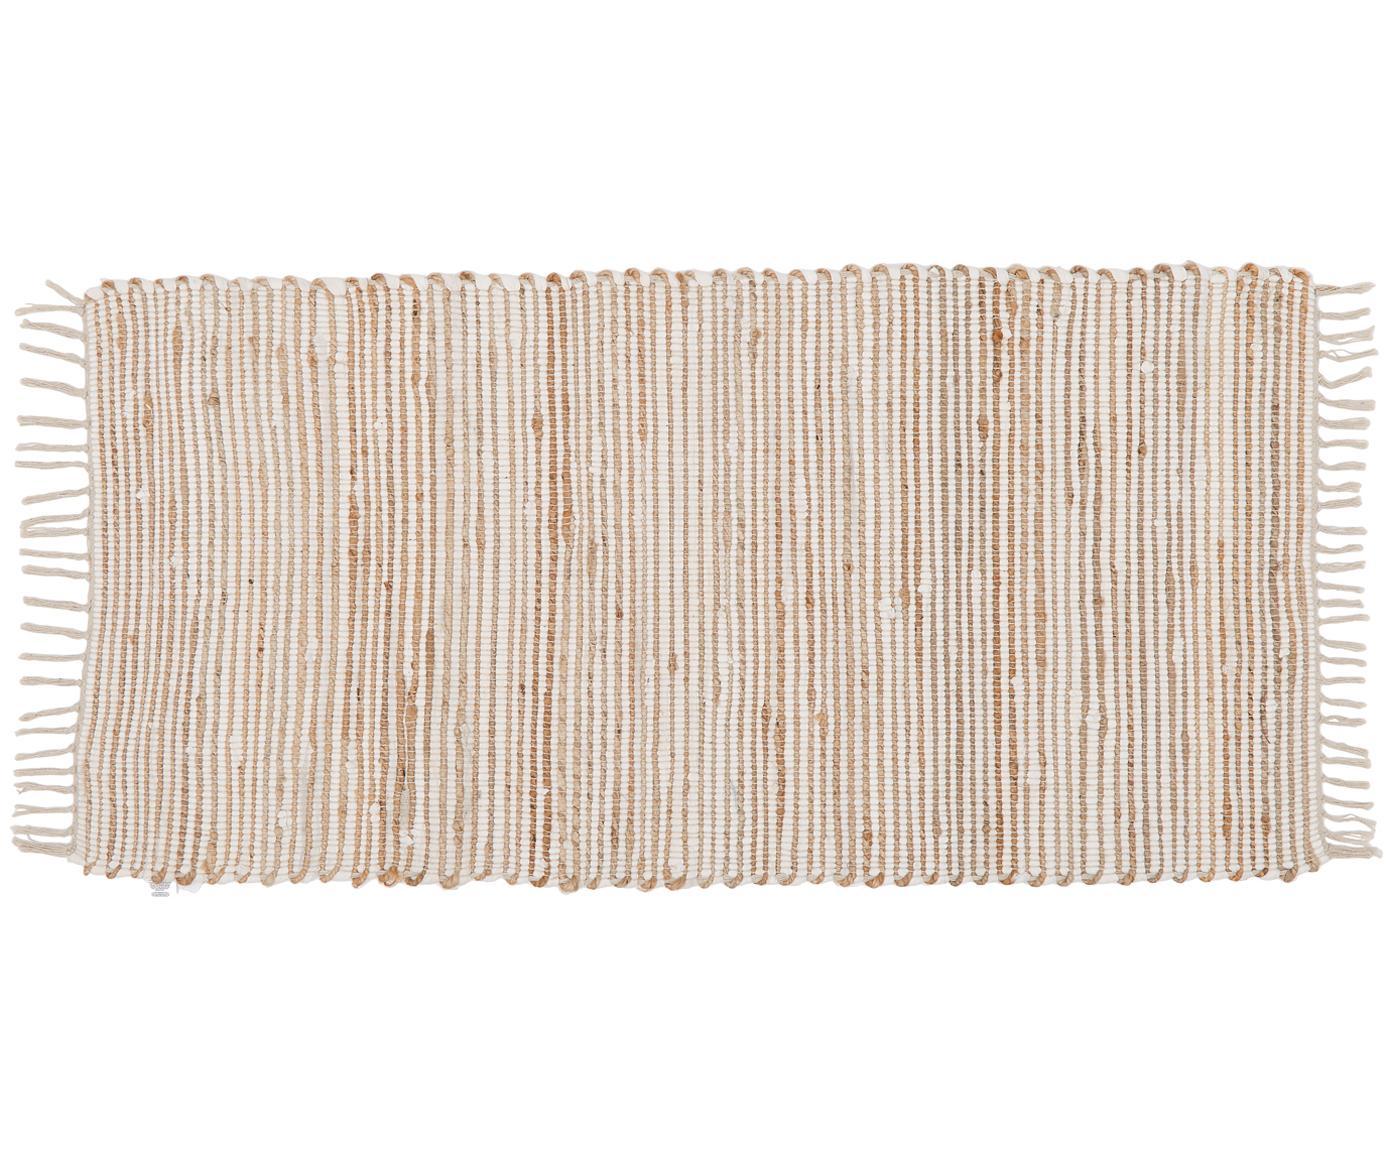 Vloerkleed Arlid van katoen/hennepvezels, 60% katoen, 40% hennepvezels, Crèmekleurig, beige, 60 x 120 cm